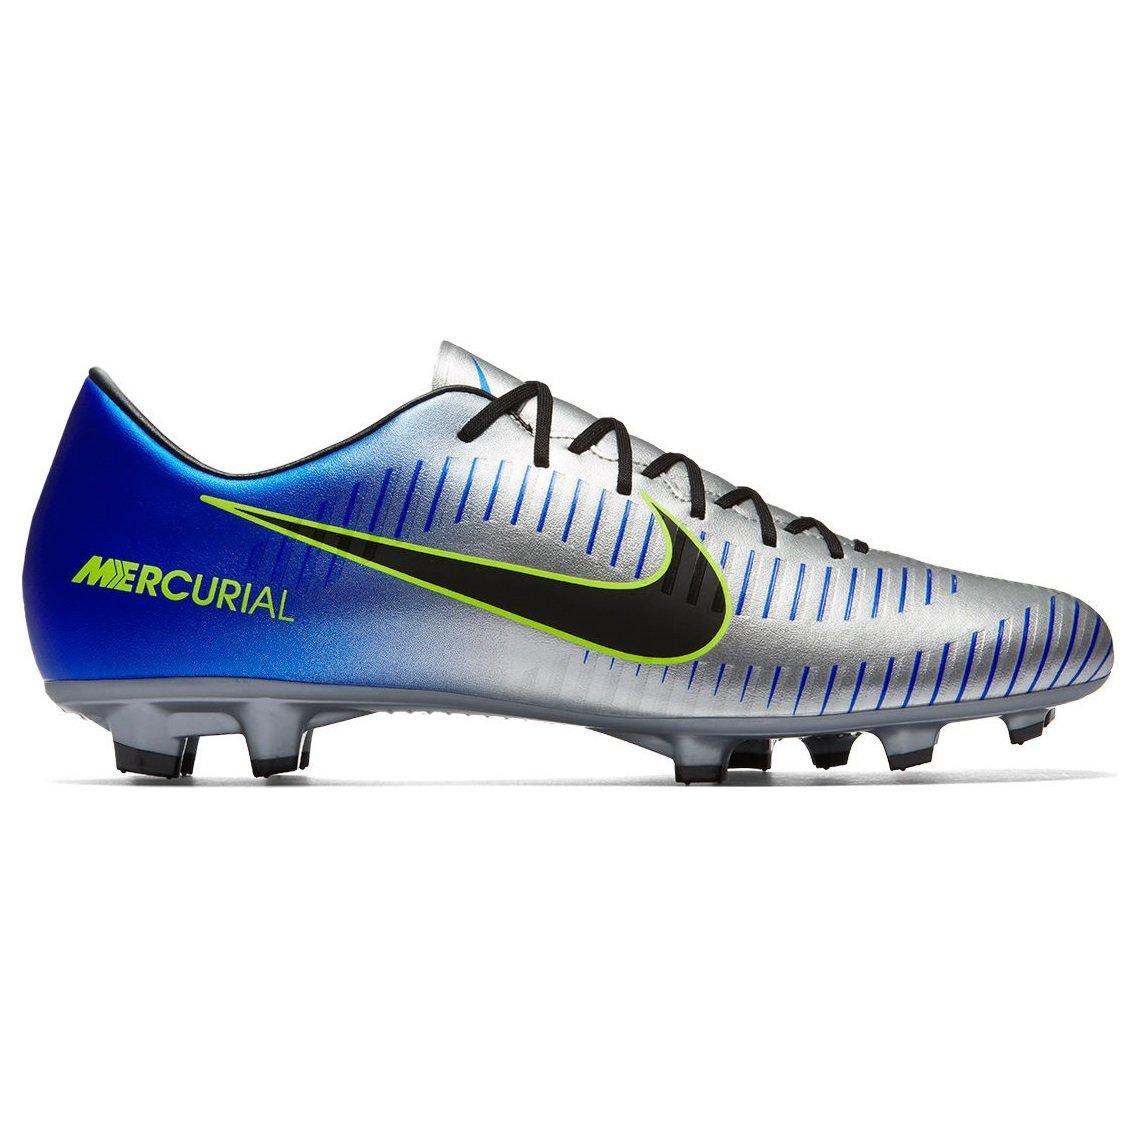 fbd2f77517 Amplie a imagem. Chuteira Campo Nike Mercuria Victory VI Neymar  Chuteira  Campo Nike Mercuria ...